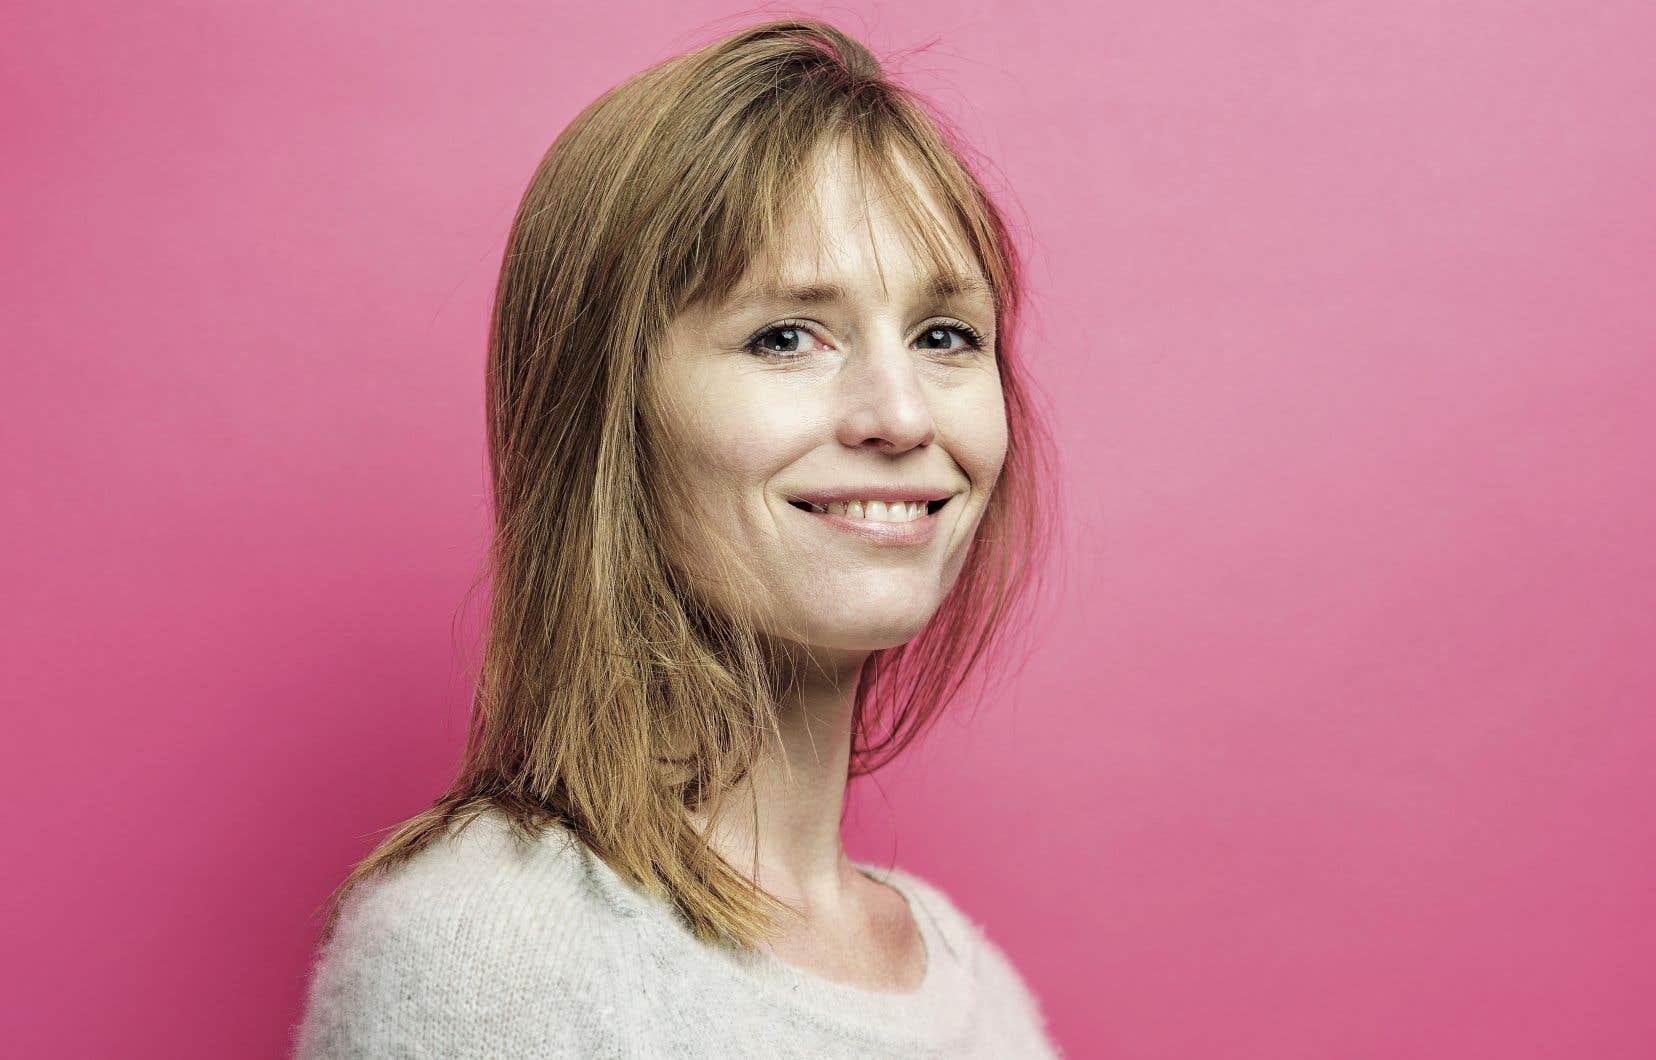 L'auteure belge Adeline Dieudonné se révèle une habile créatrice d'ambiance.